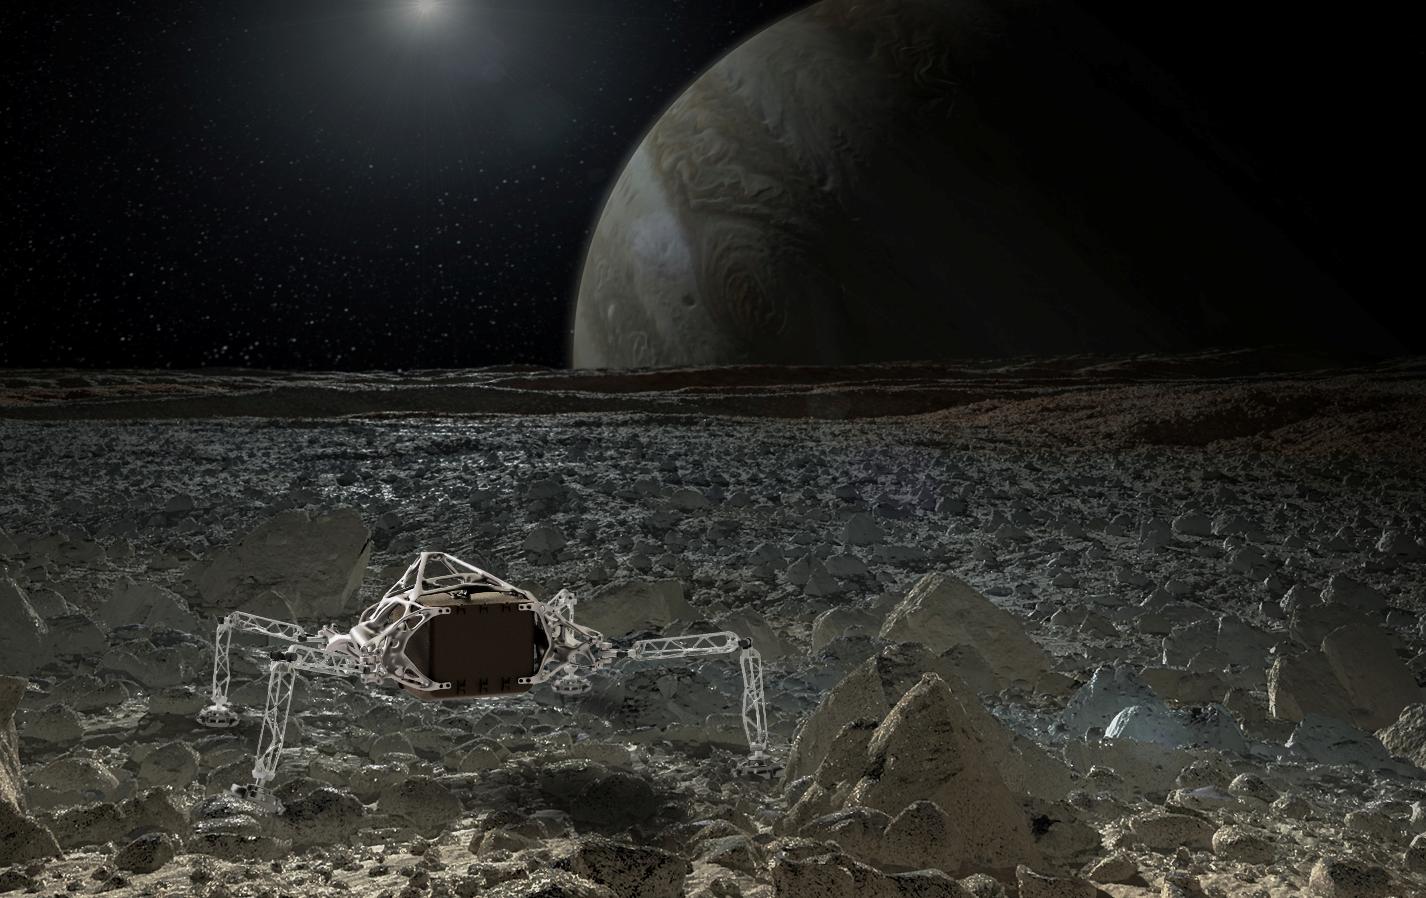 Il rendering del lander generativo nello spazio